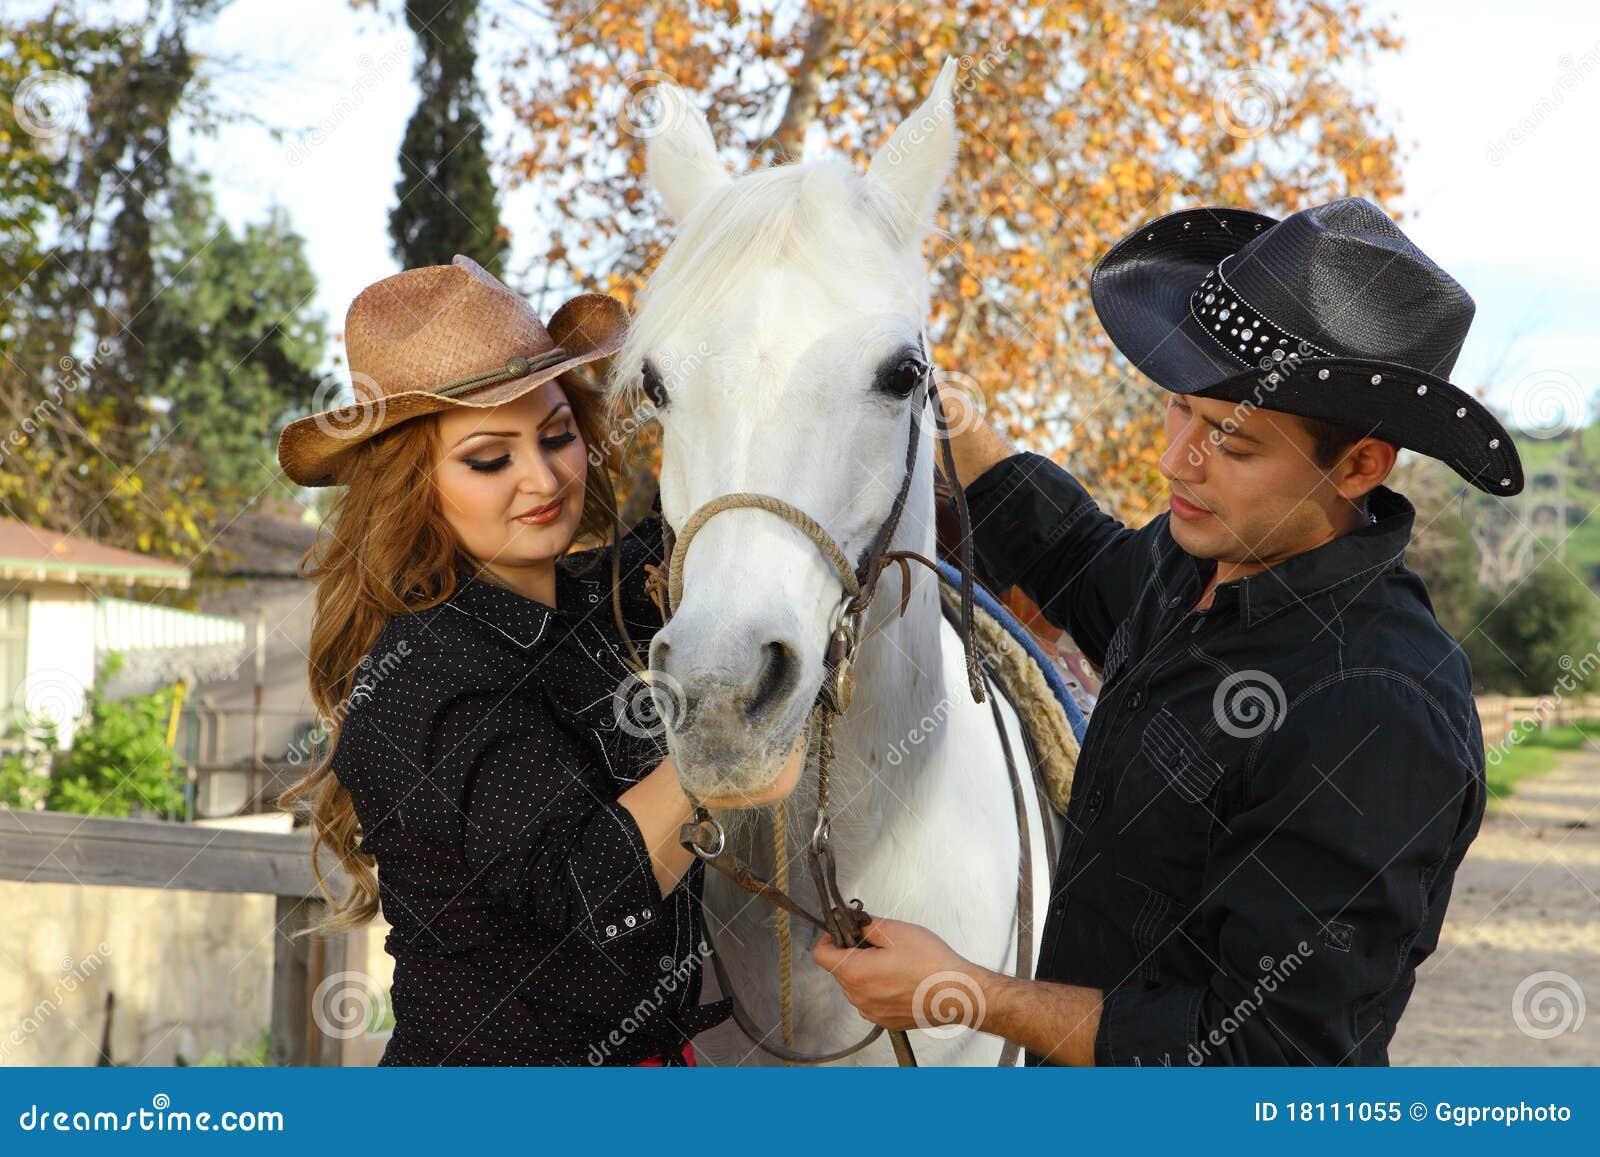 Cowboys cowgirls datant qui est Justin Bieber datant maintenant